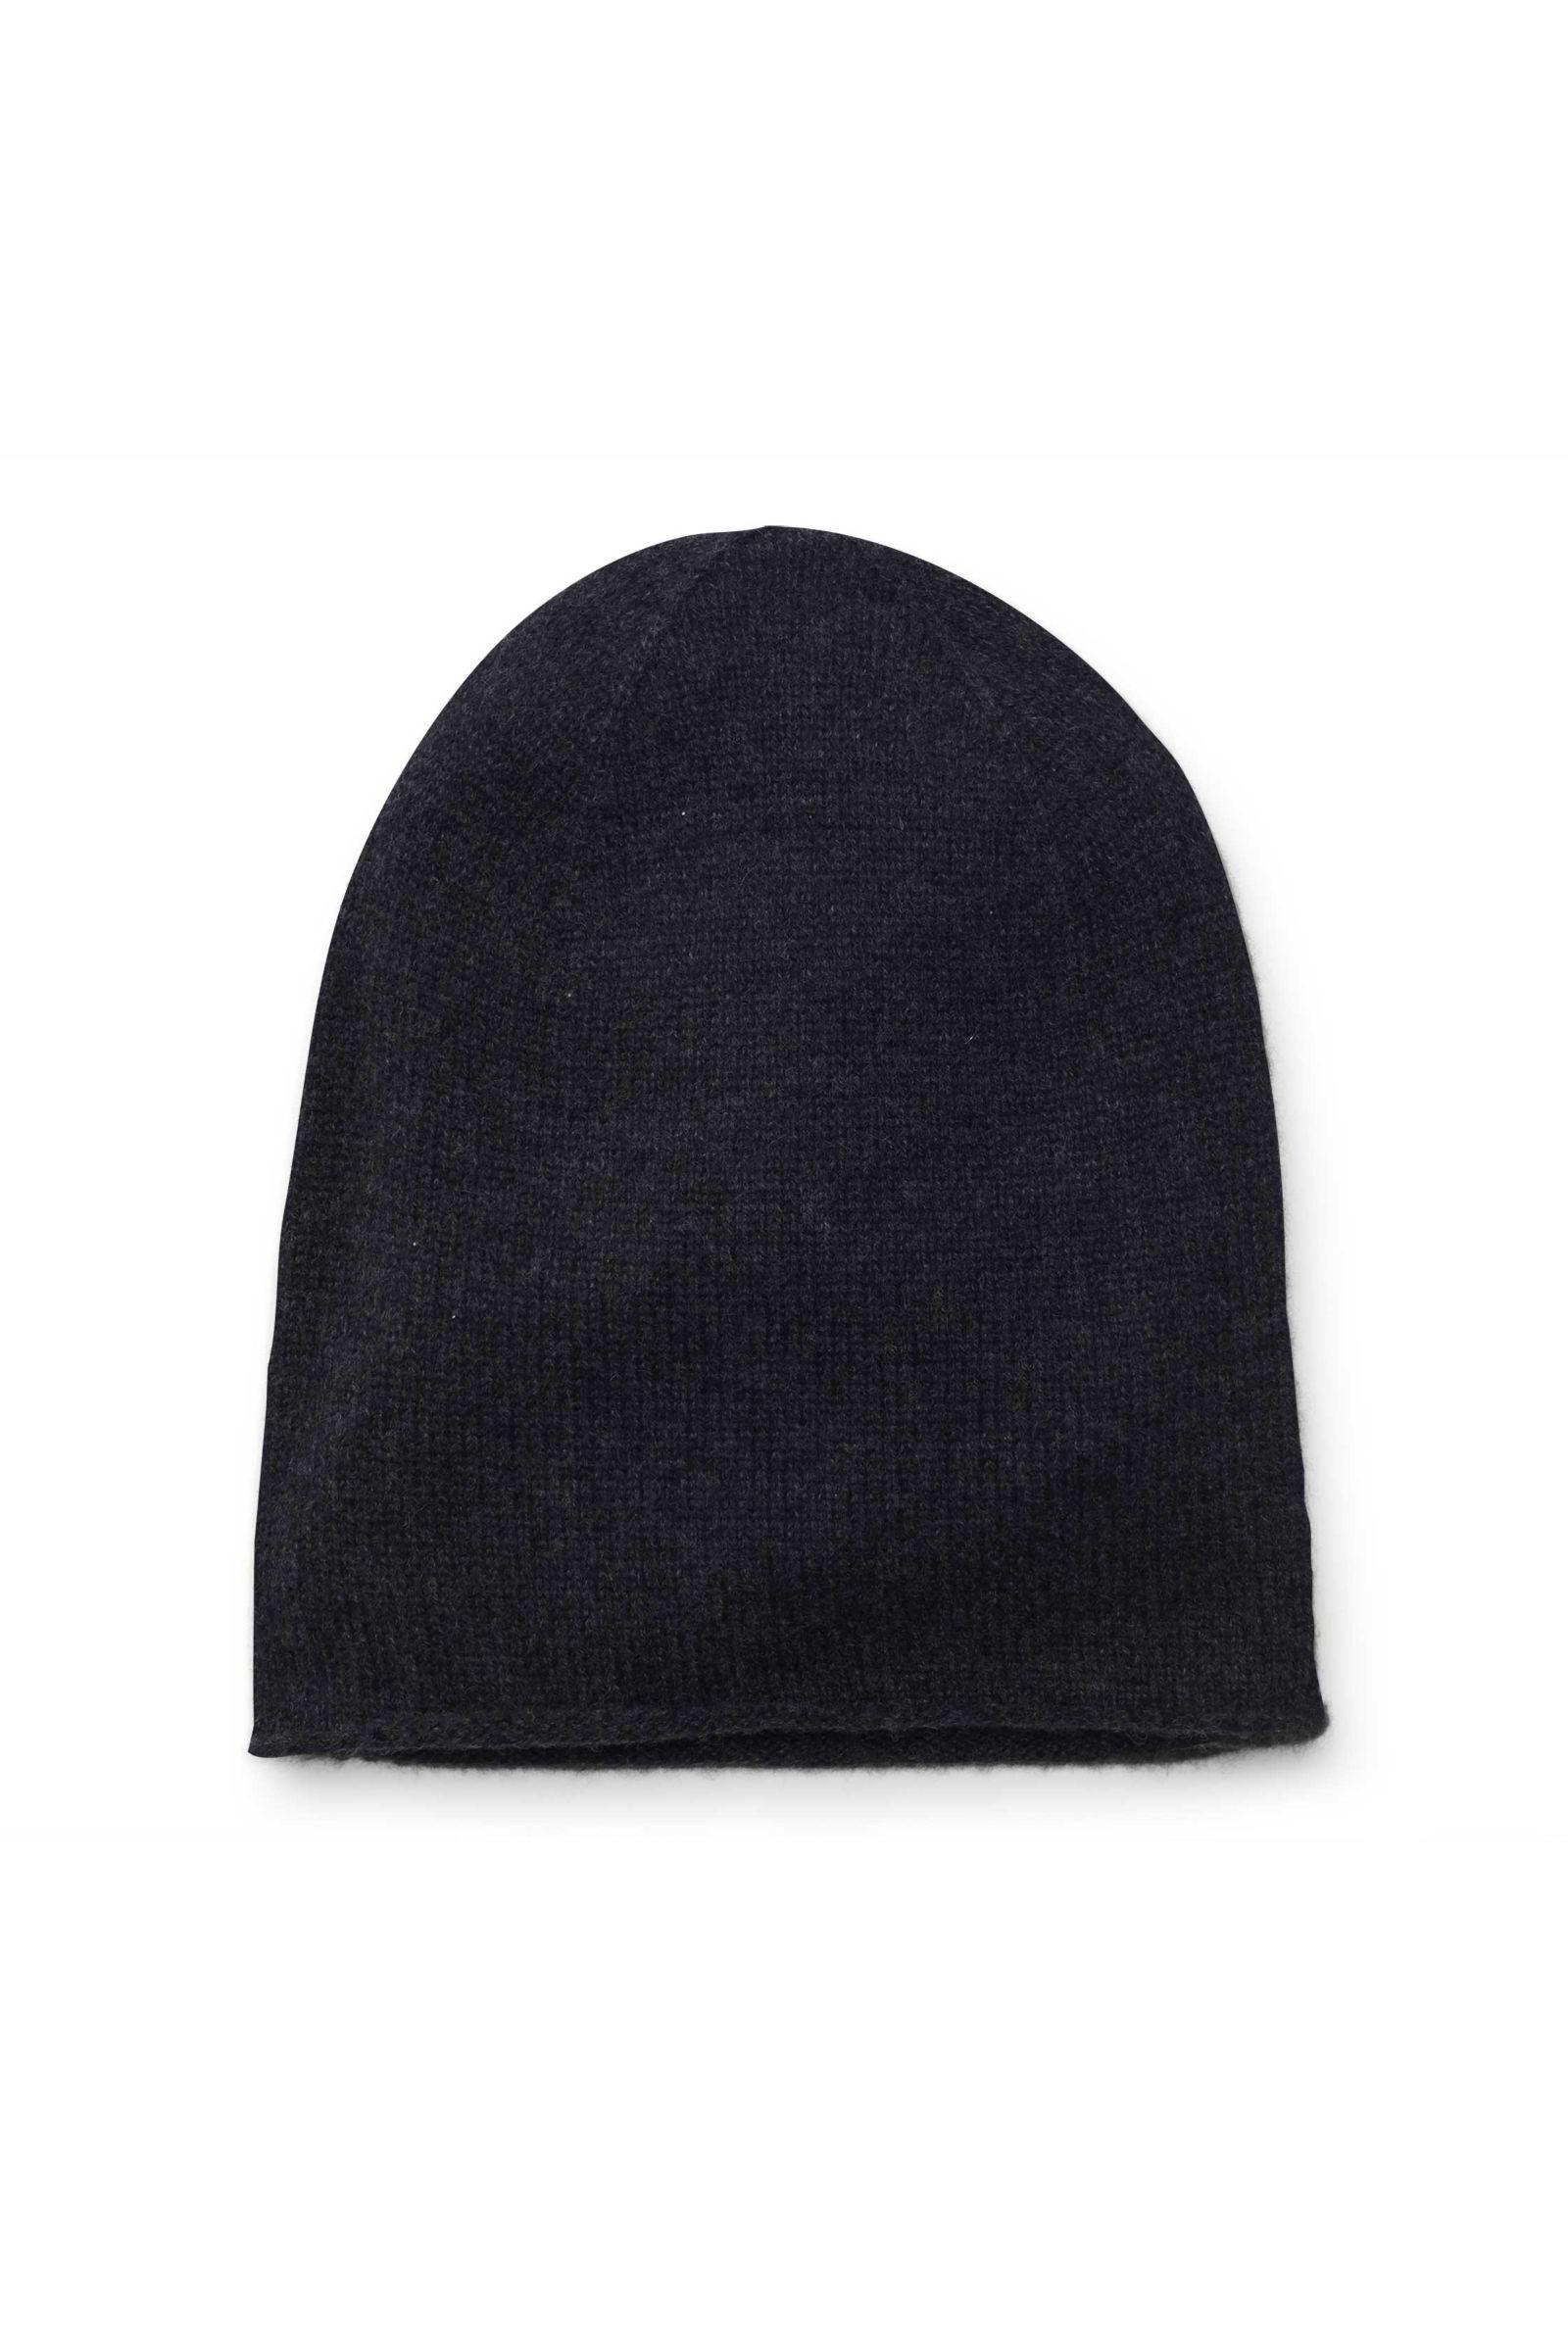 Kinder Cashmere Mütze anthrazit